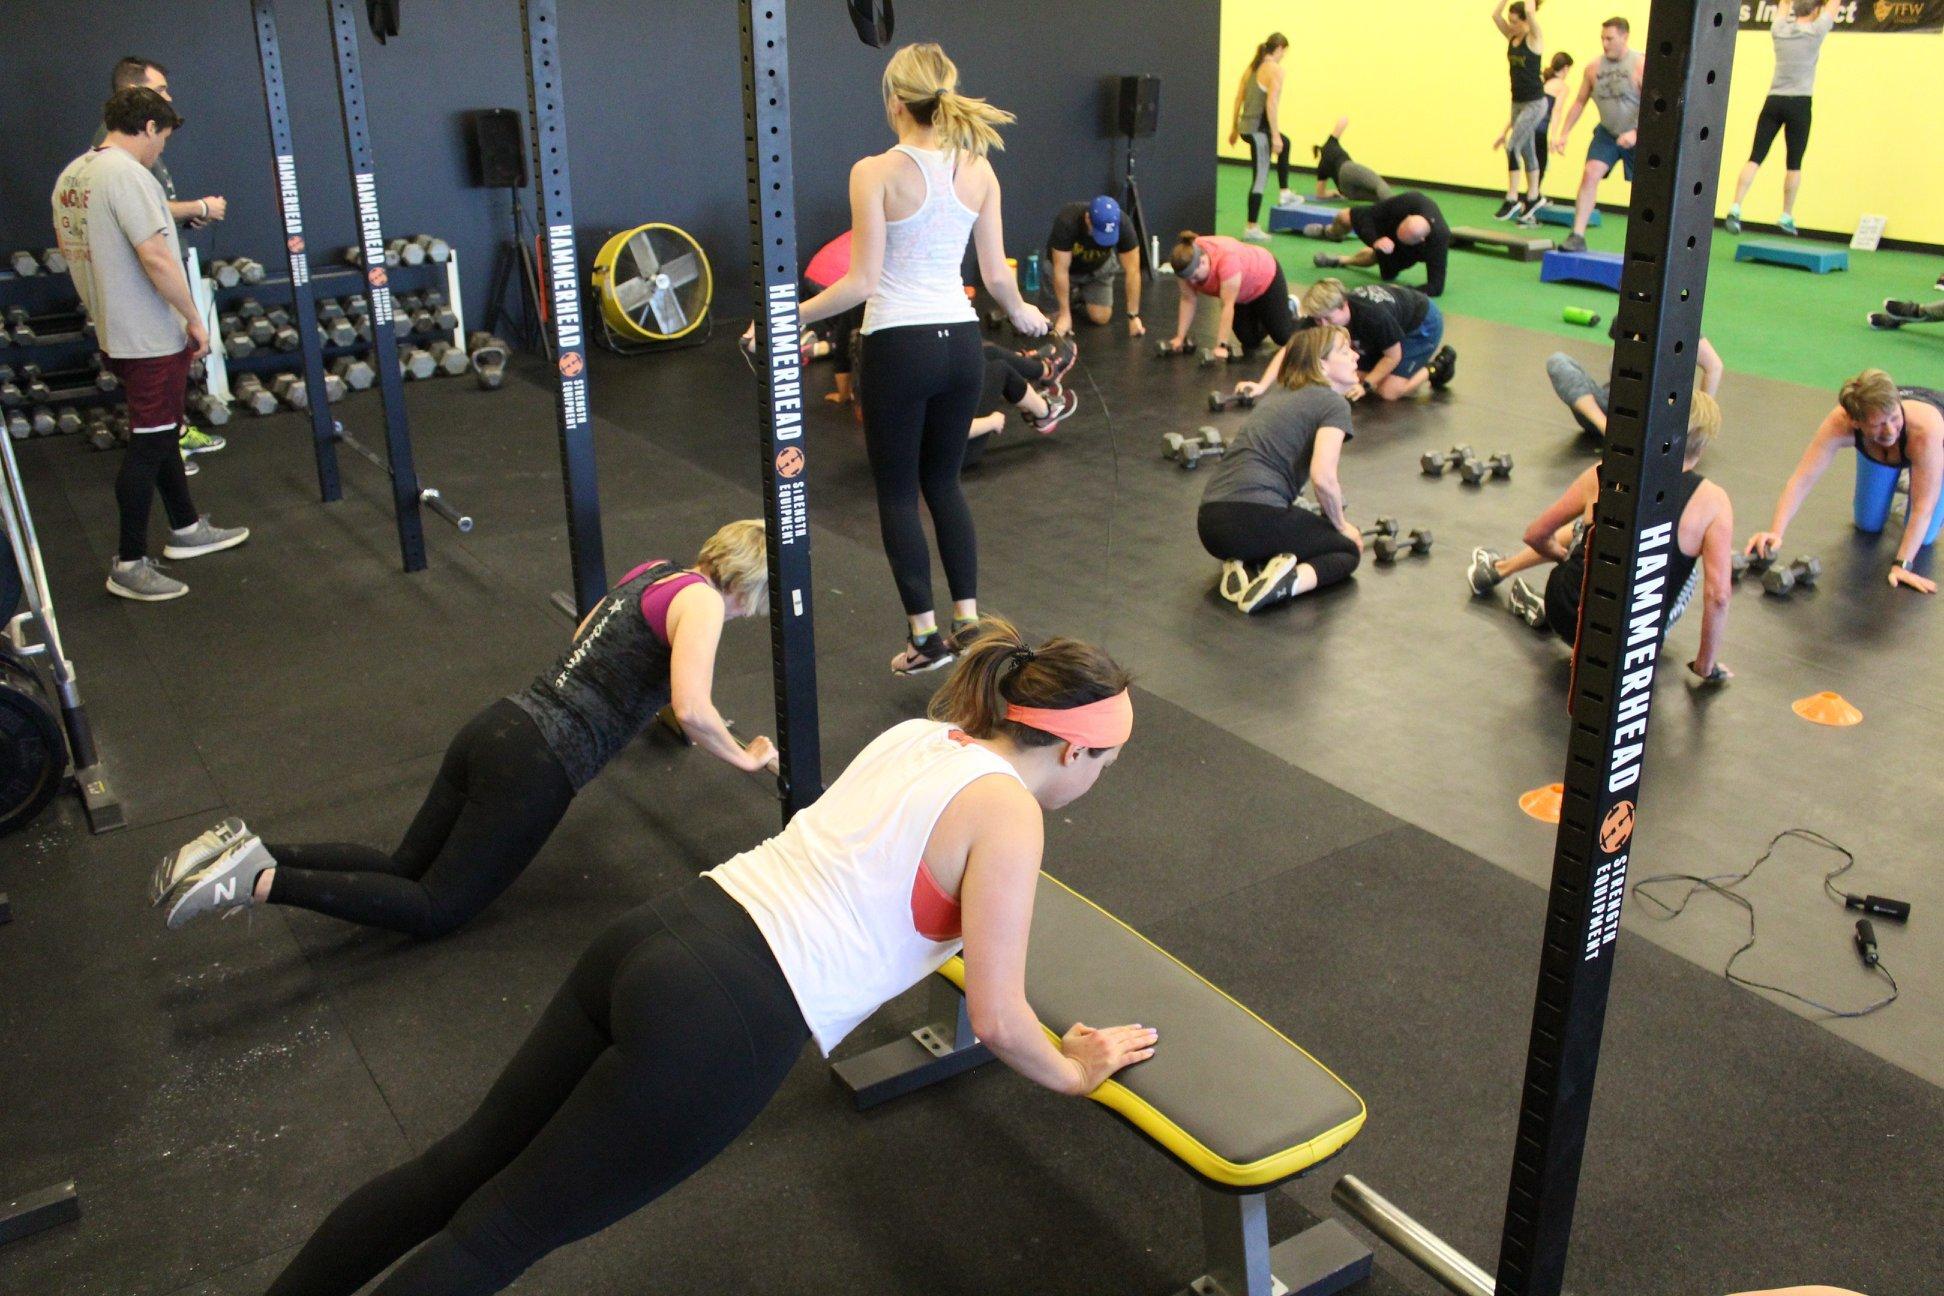 gymworkout1.jpg